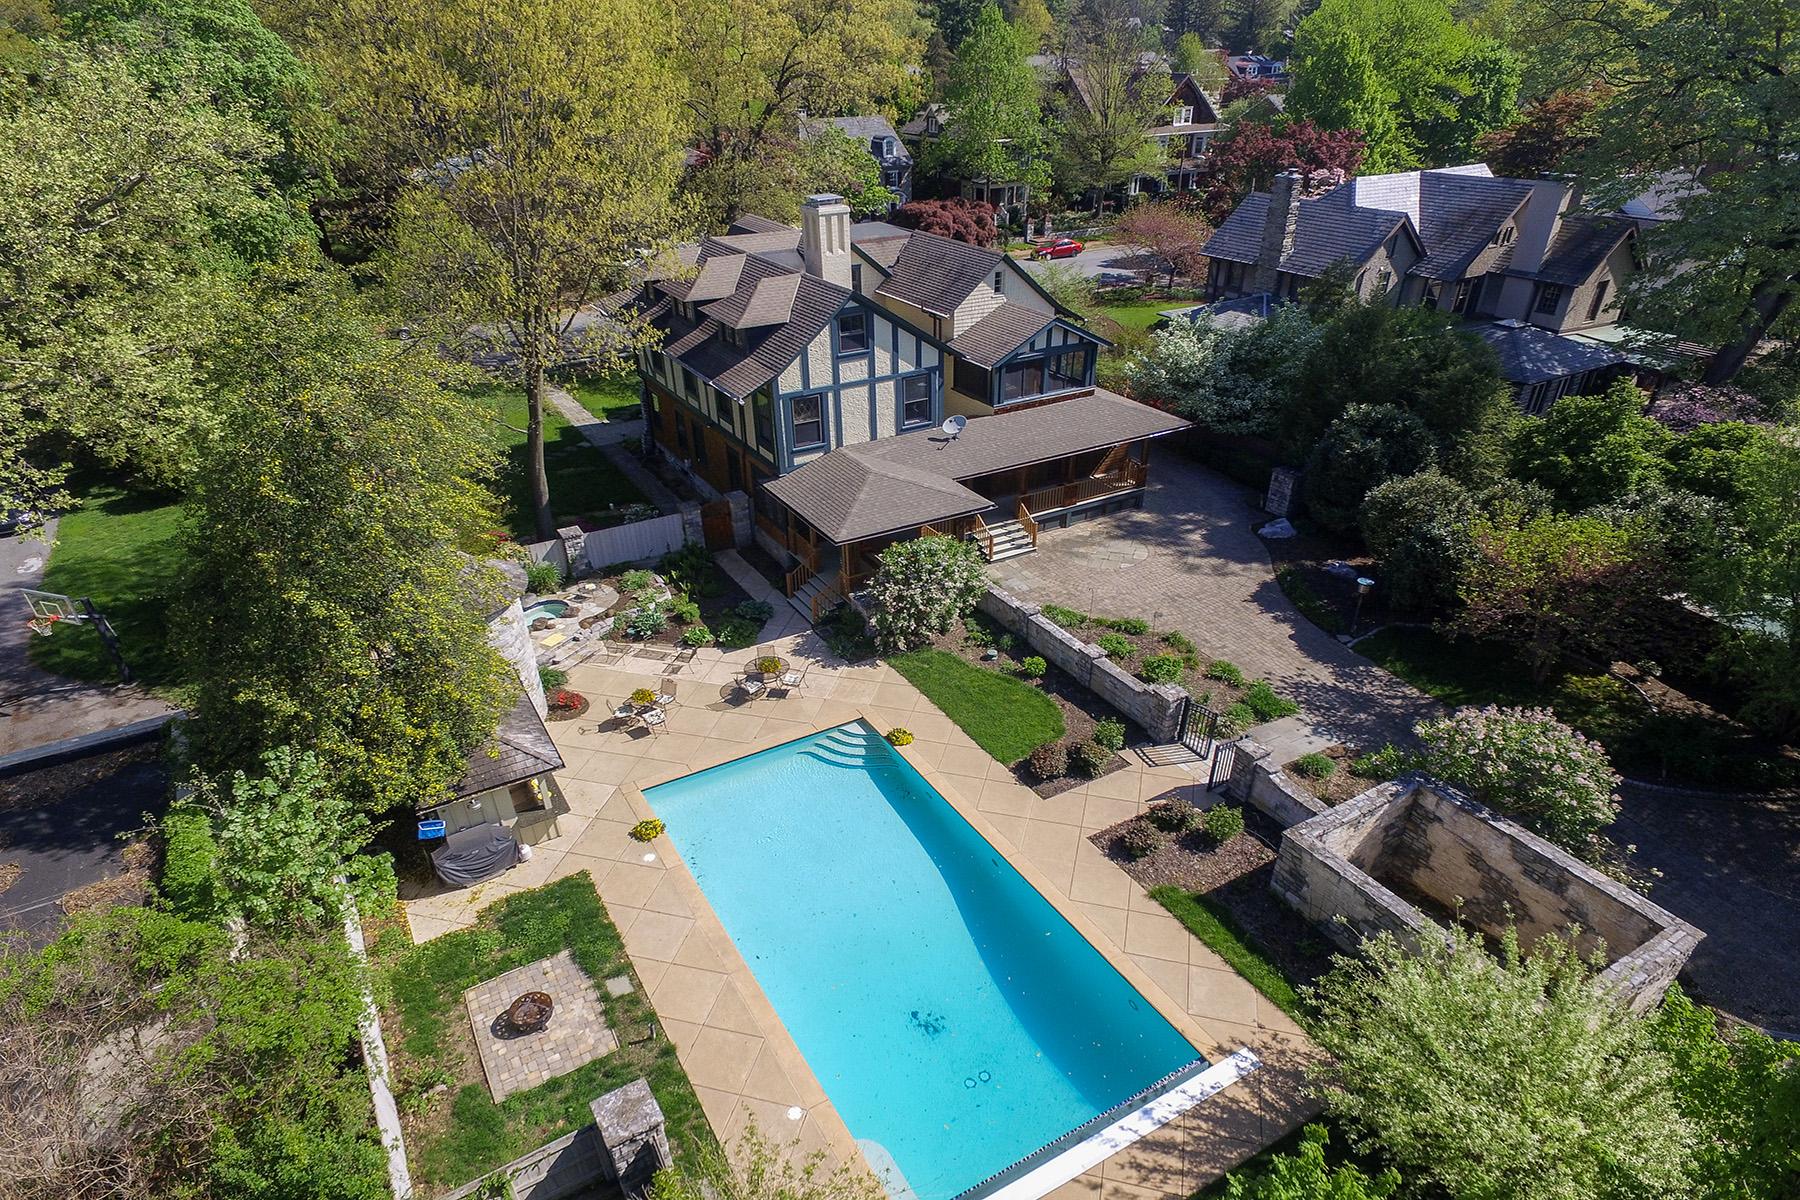 独户住宅 为 销售 在 1056 Wheatland Avenue 兰开斯特, 宾夕法尼亚州 17603 美国